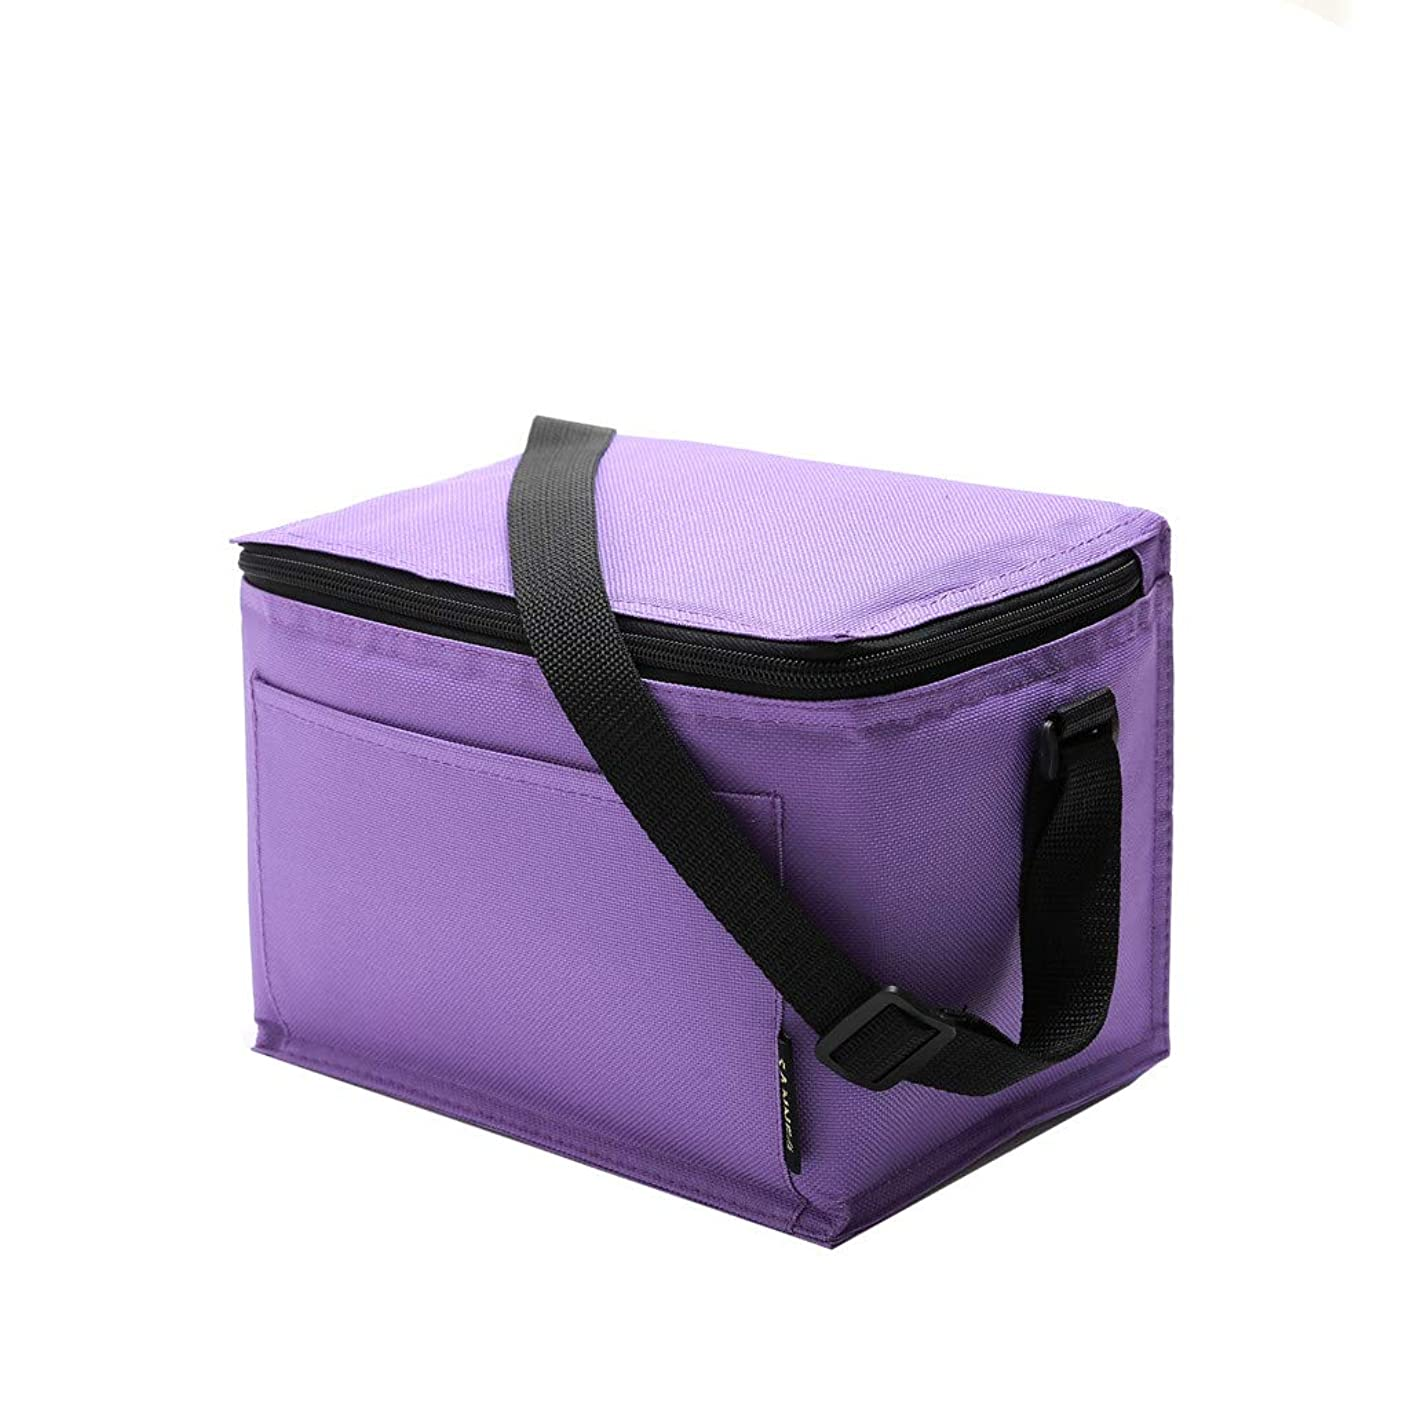 保証金ご飯助手LHWY令和 弁当袋 お弁当バッグ 保冷バッグ シンプル アウトドア ピクニック 防水 保温 アイスパック ランチバッグ 5L